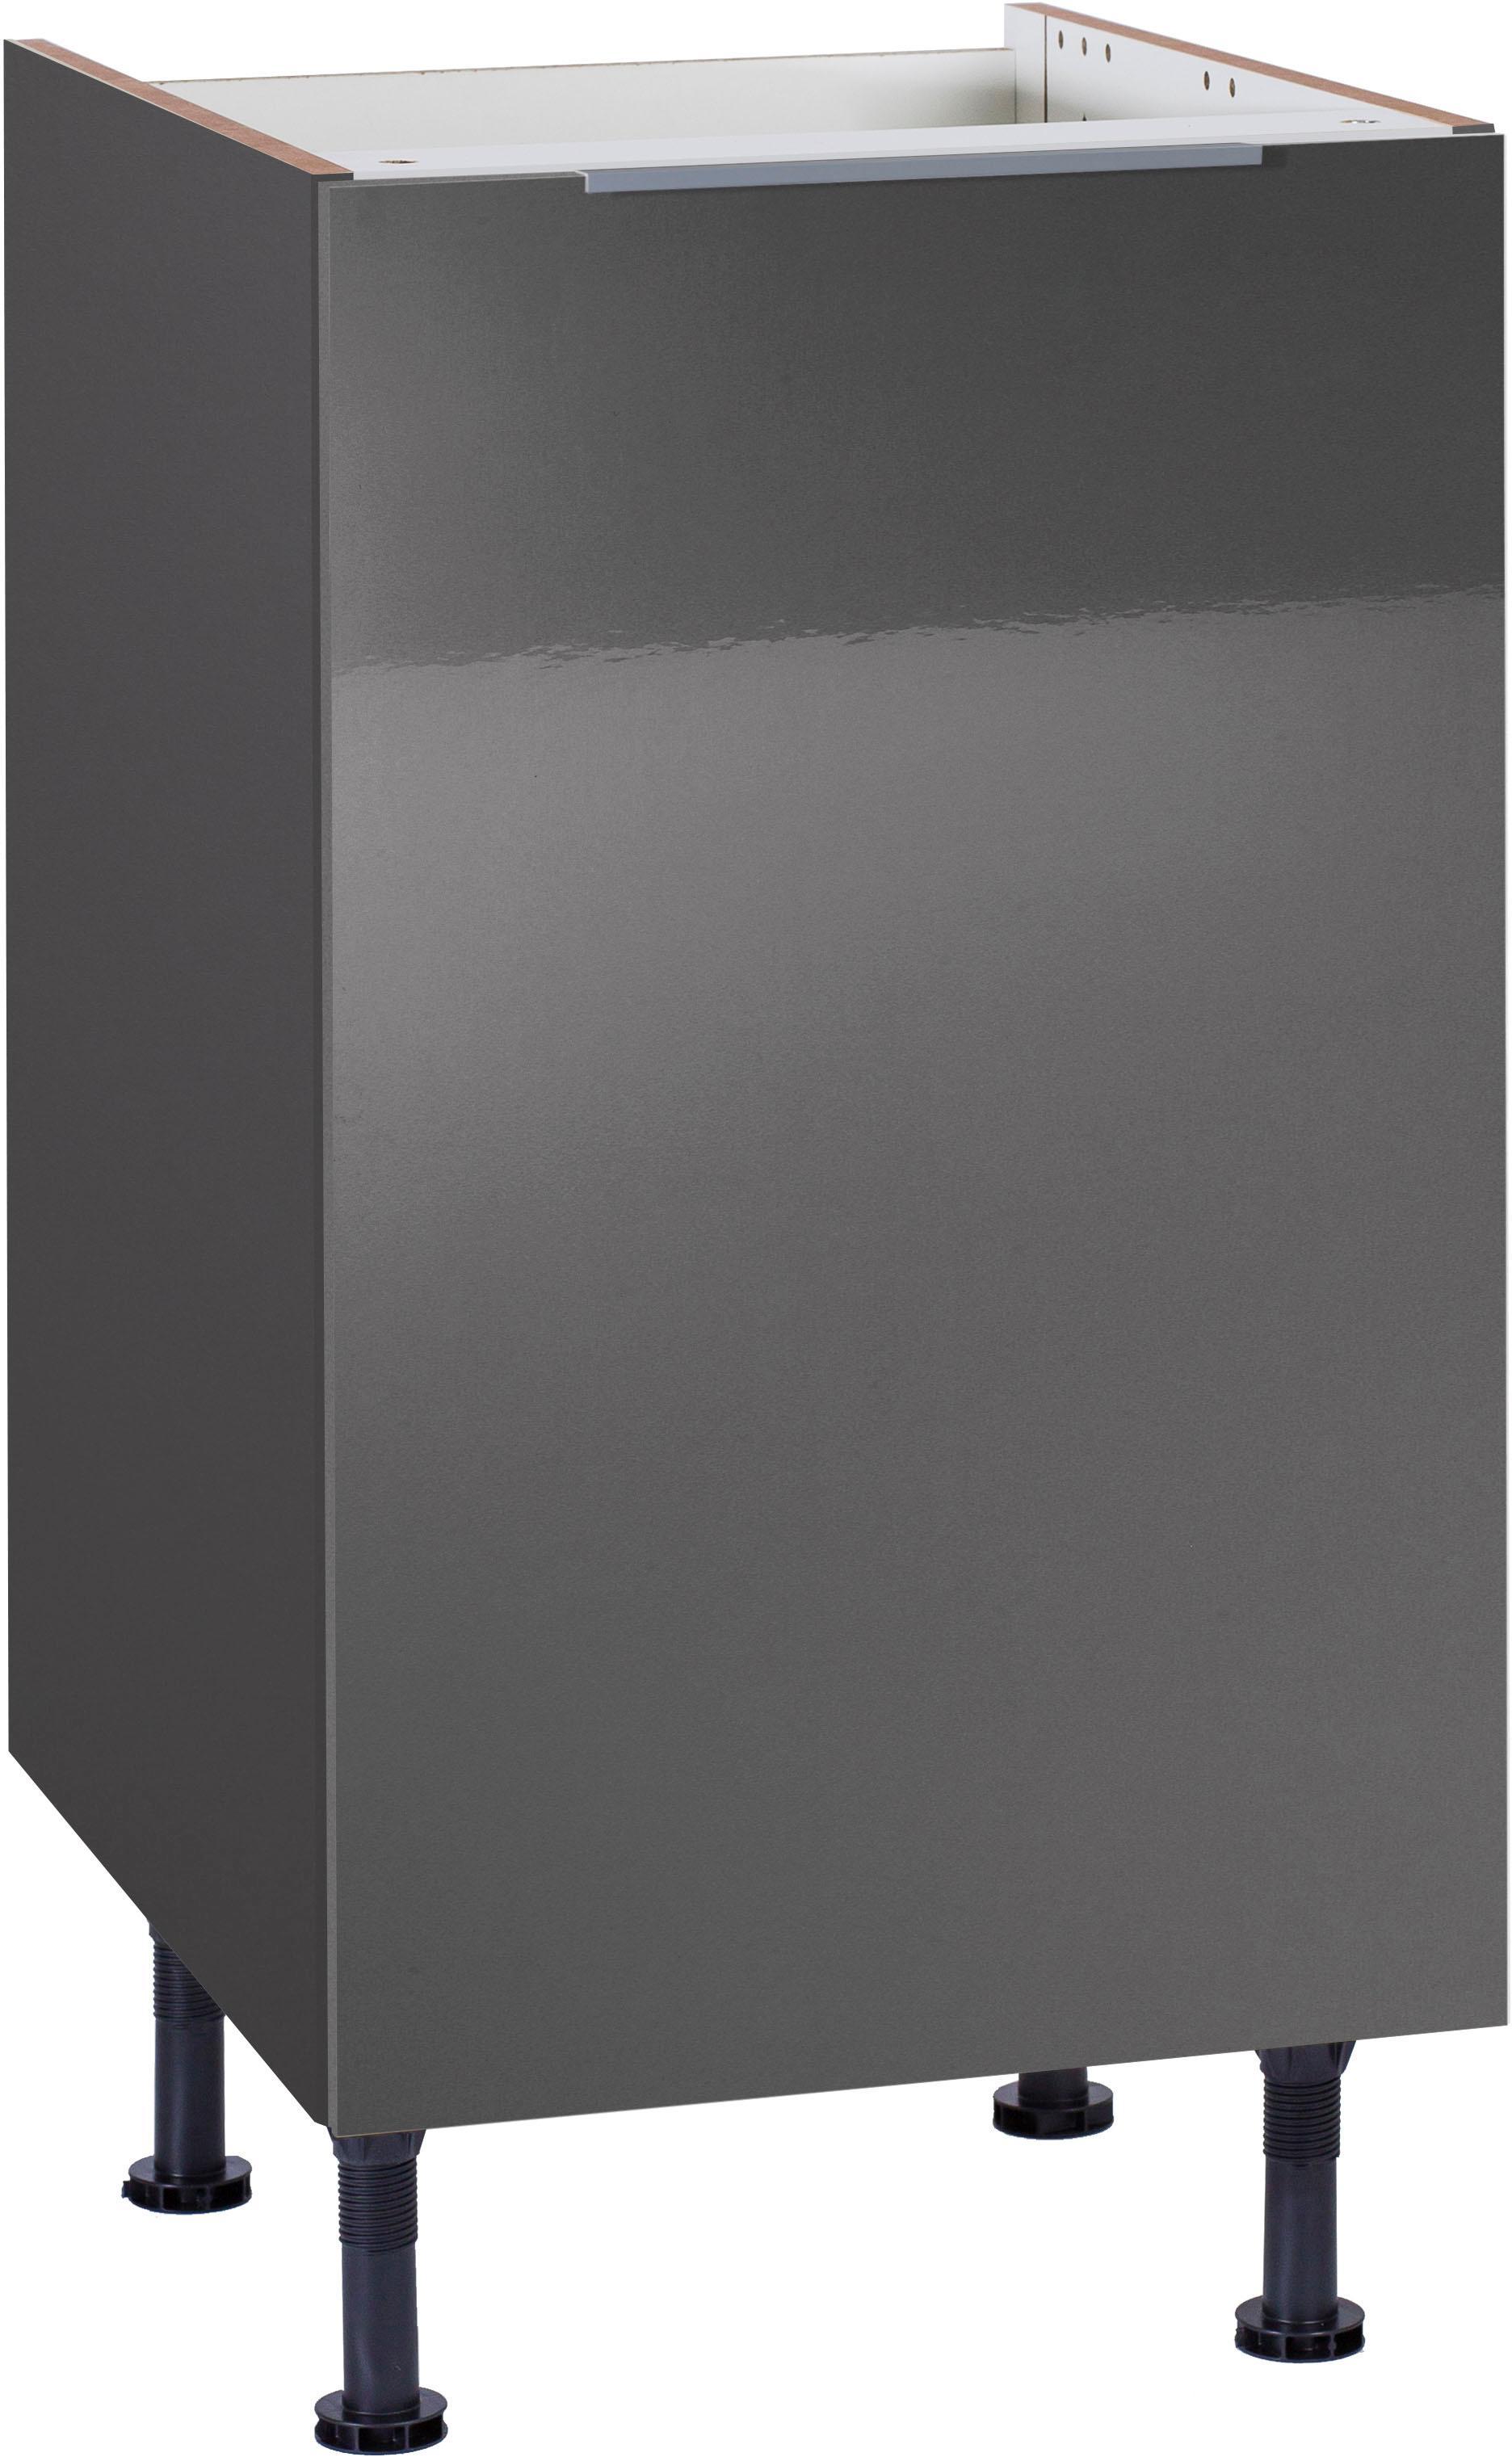 OPTIFIT Spülenschrank Tara Breite 45 cm | Küche und Esszimmer > Küchenschränke > Spülenschränke | Grau | Beton - Glänzend - Melamin | Optifit